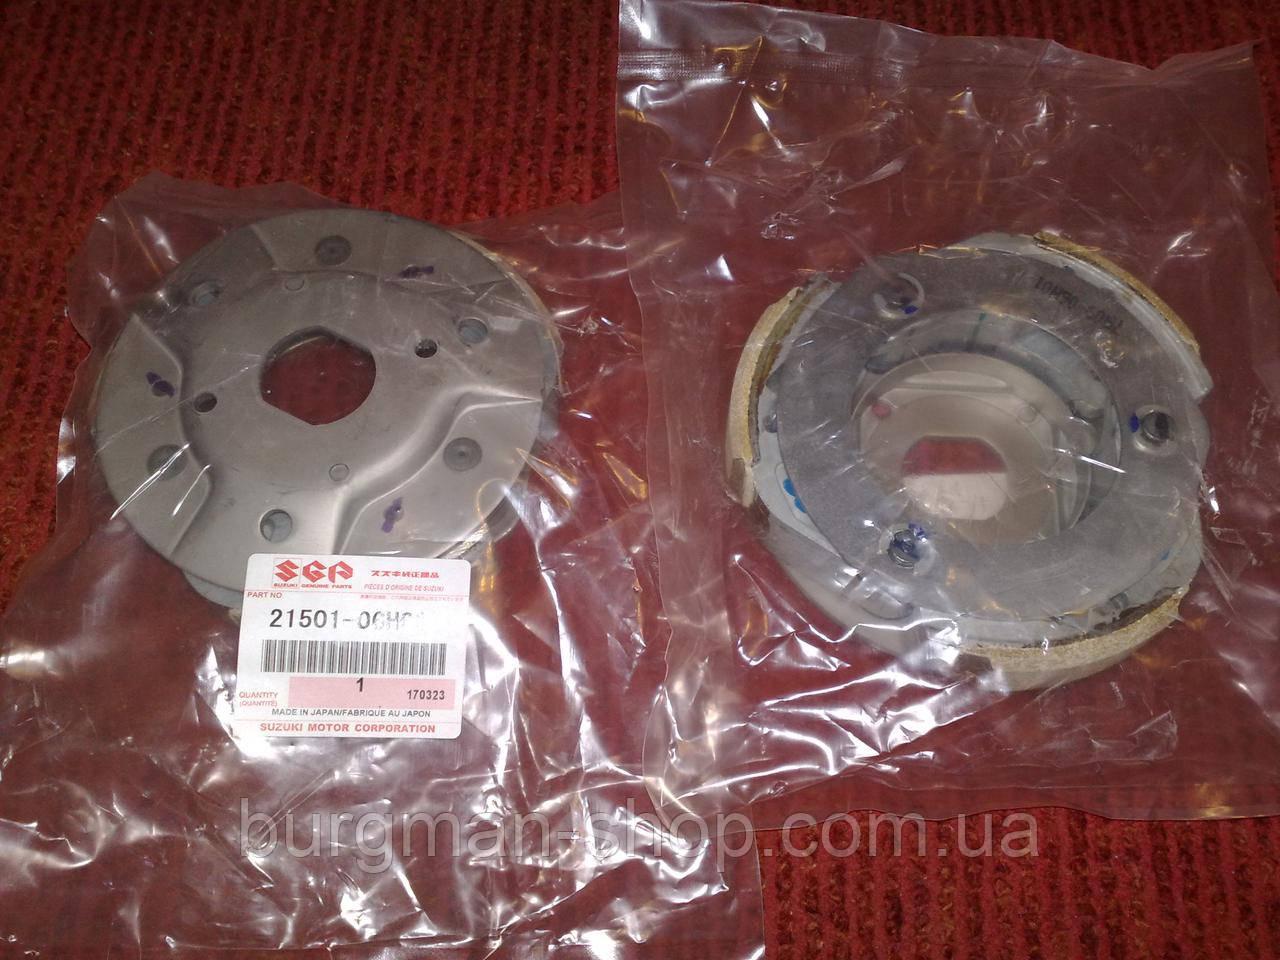 Плата сцепления на 3 колодки 250К7-K8/MK7 Suzuki Burgman SkyWave 21501-06H01